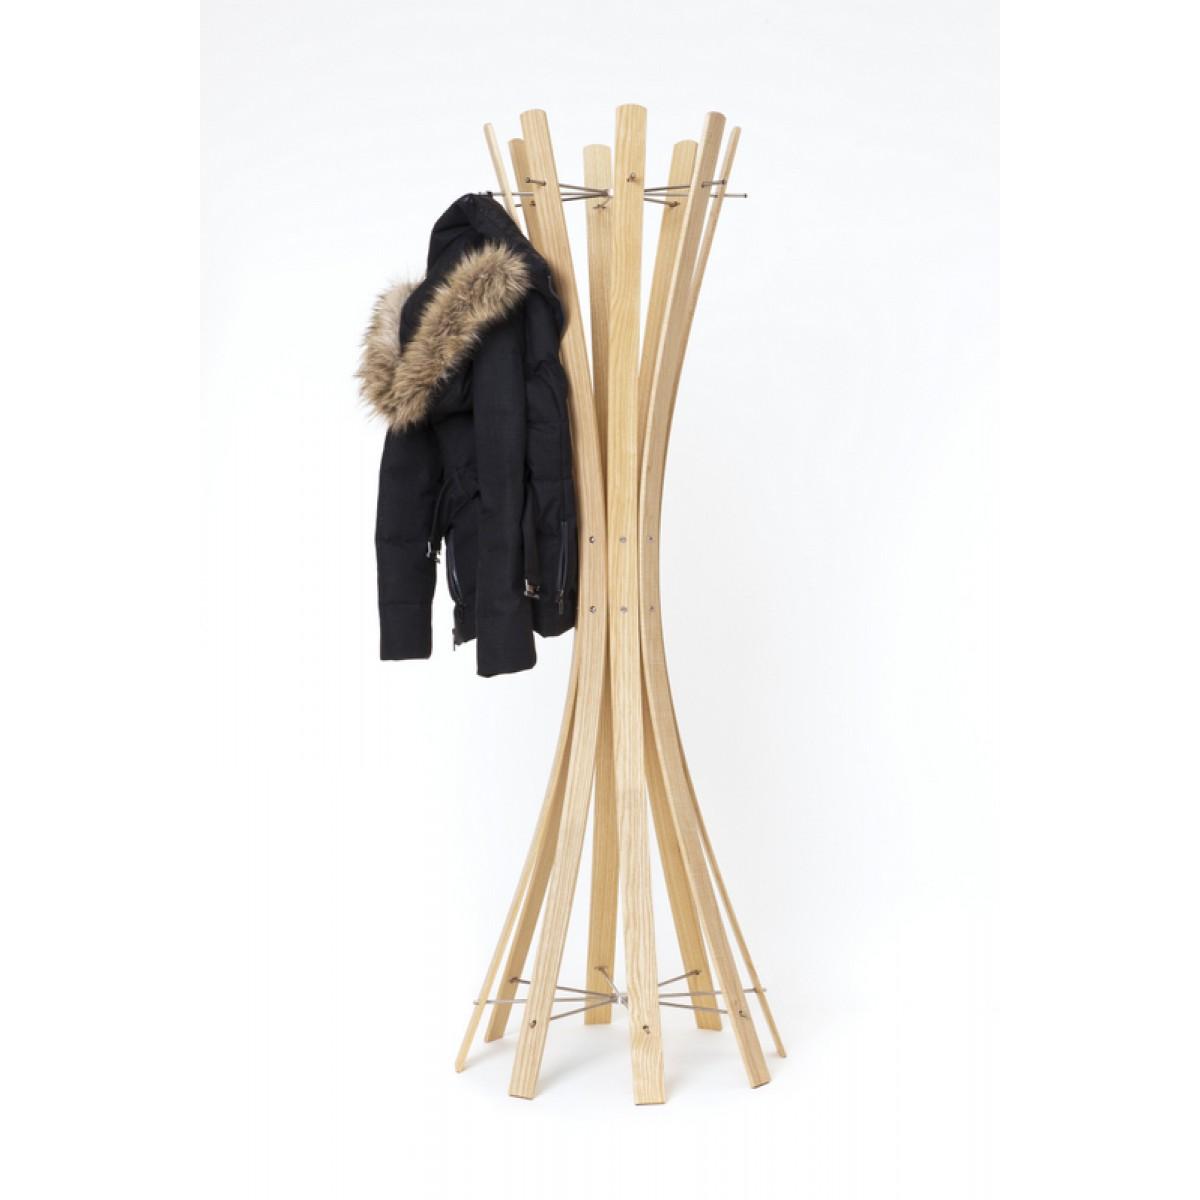 garderobenst nder aus holz massiv und edelstahl moderne garderobe mit hacken aus edelstahl 58 cm. Black Bedroom Furniture Sets. Home Design Ideas